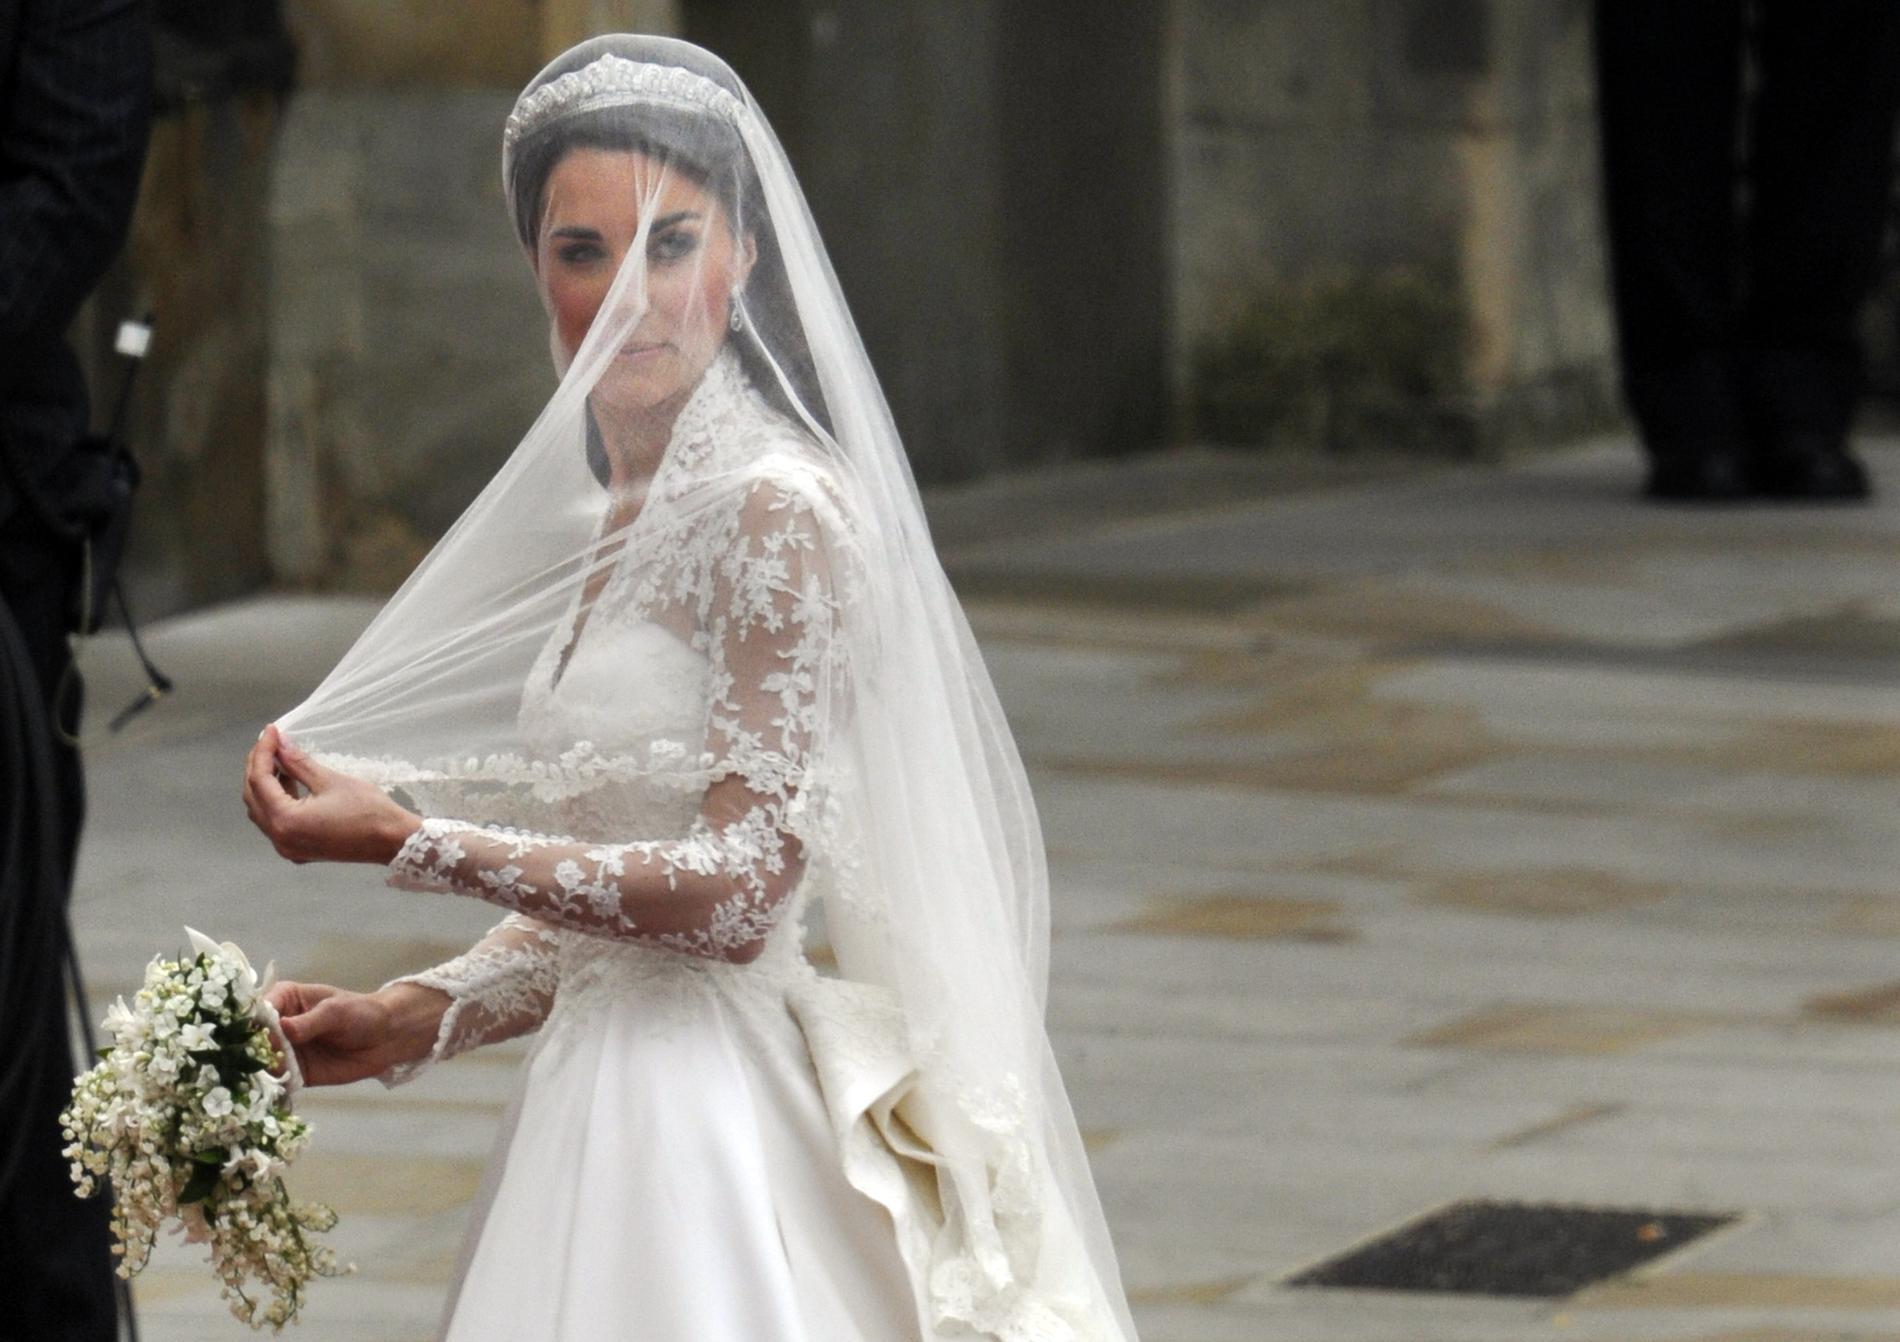 dcdf837d73f Polémique autour de la robe de mariée de Kate Middleton   Alexander McQueen  attaqué en justice